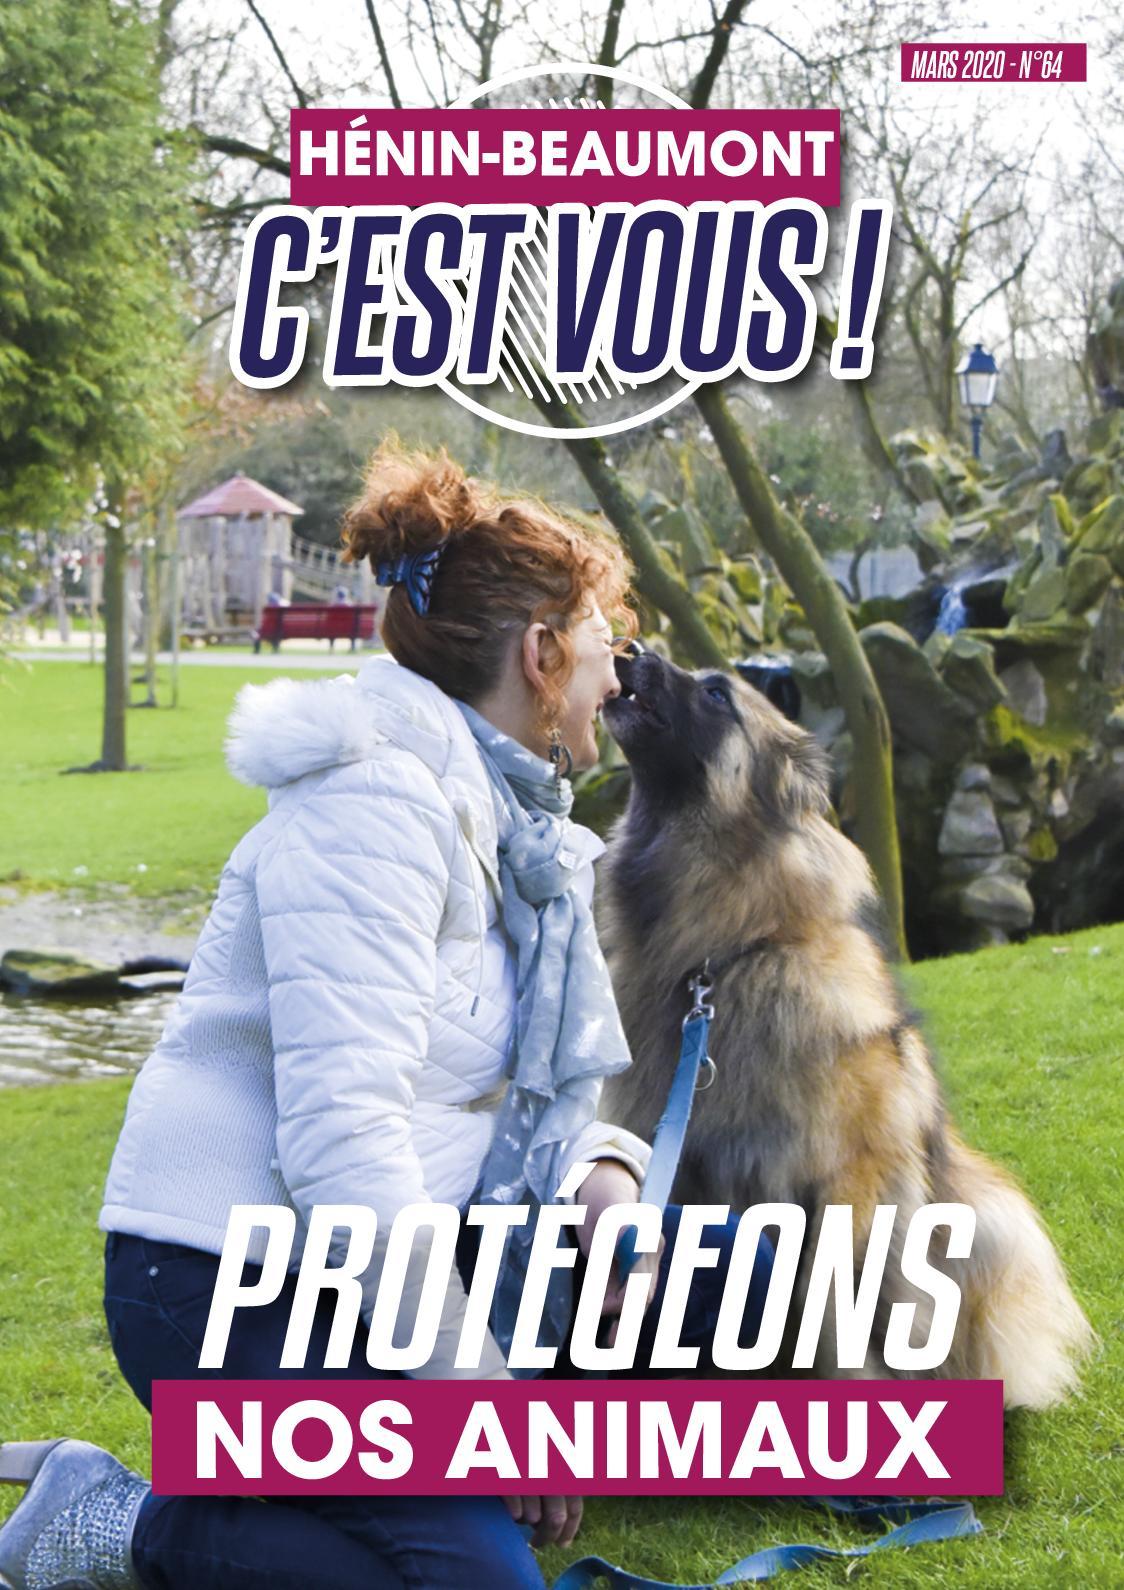 Cours De Cuisine Henin Beaumont calaméo - [mars 2020] hénin-beaumont c'est vous ! - n°64